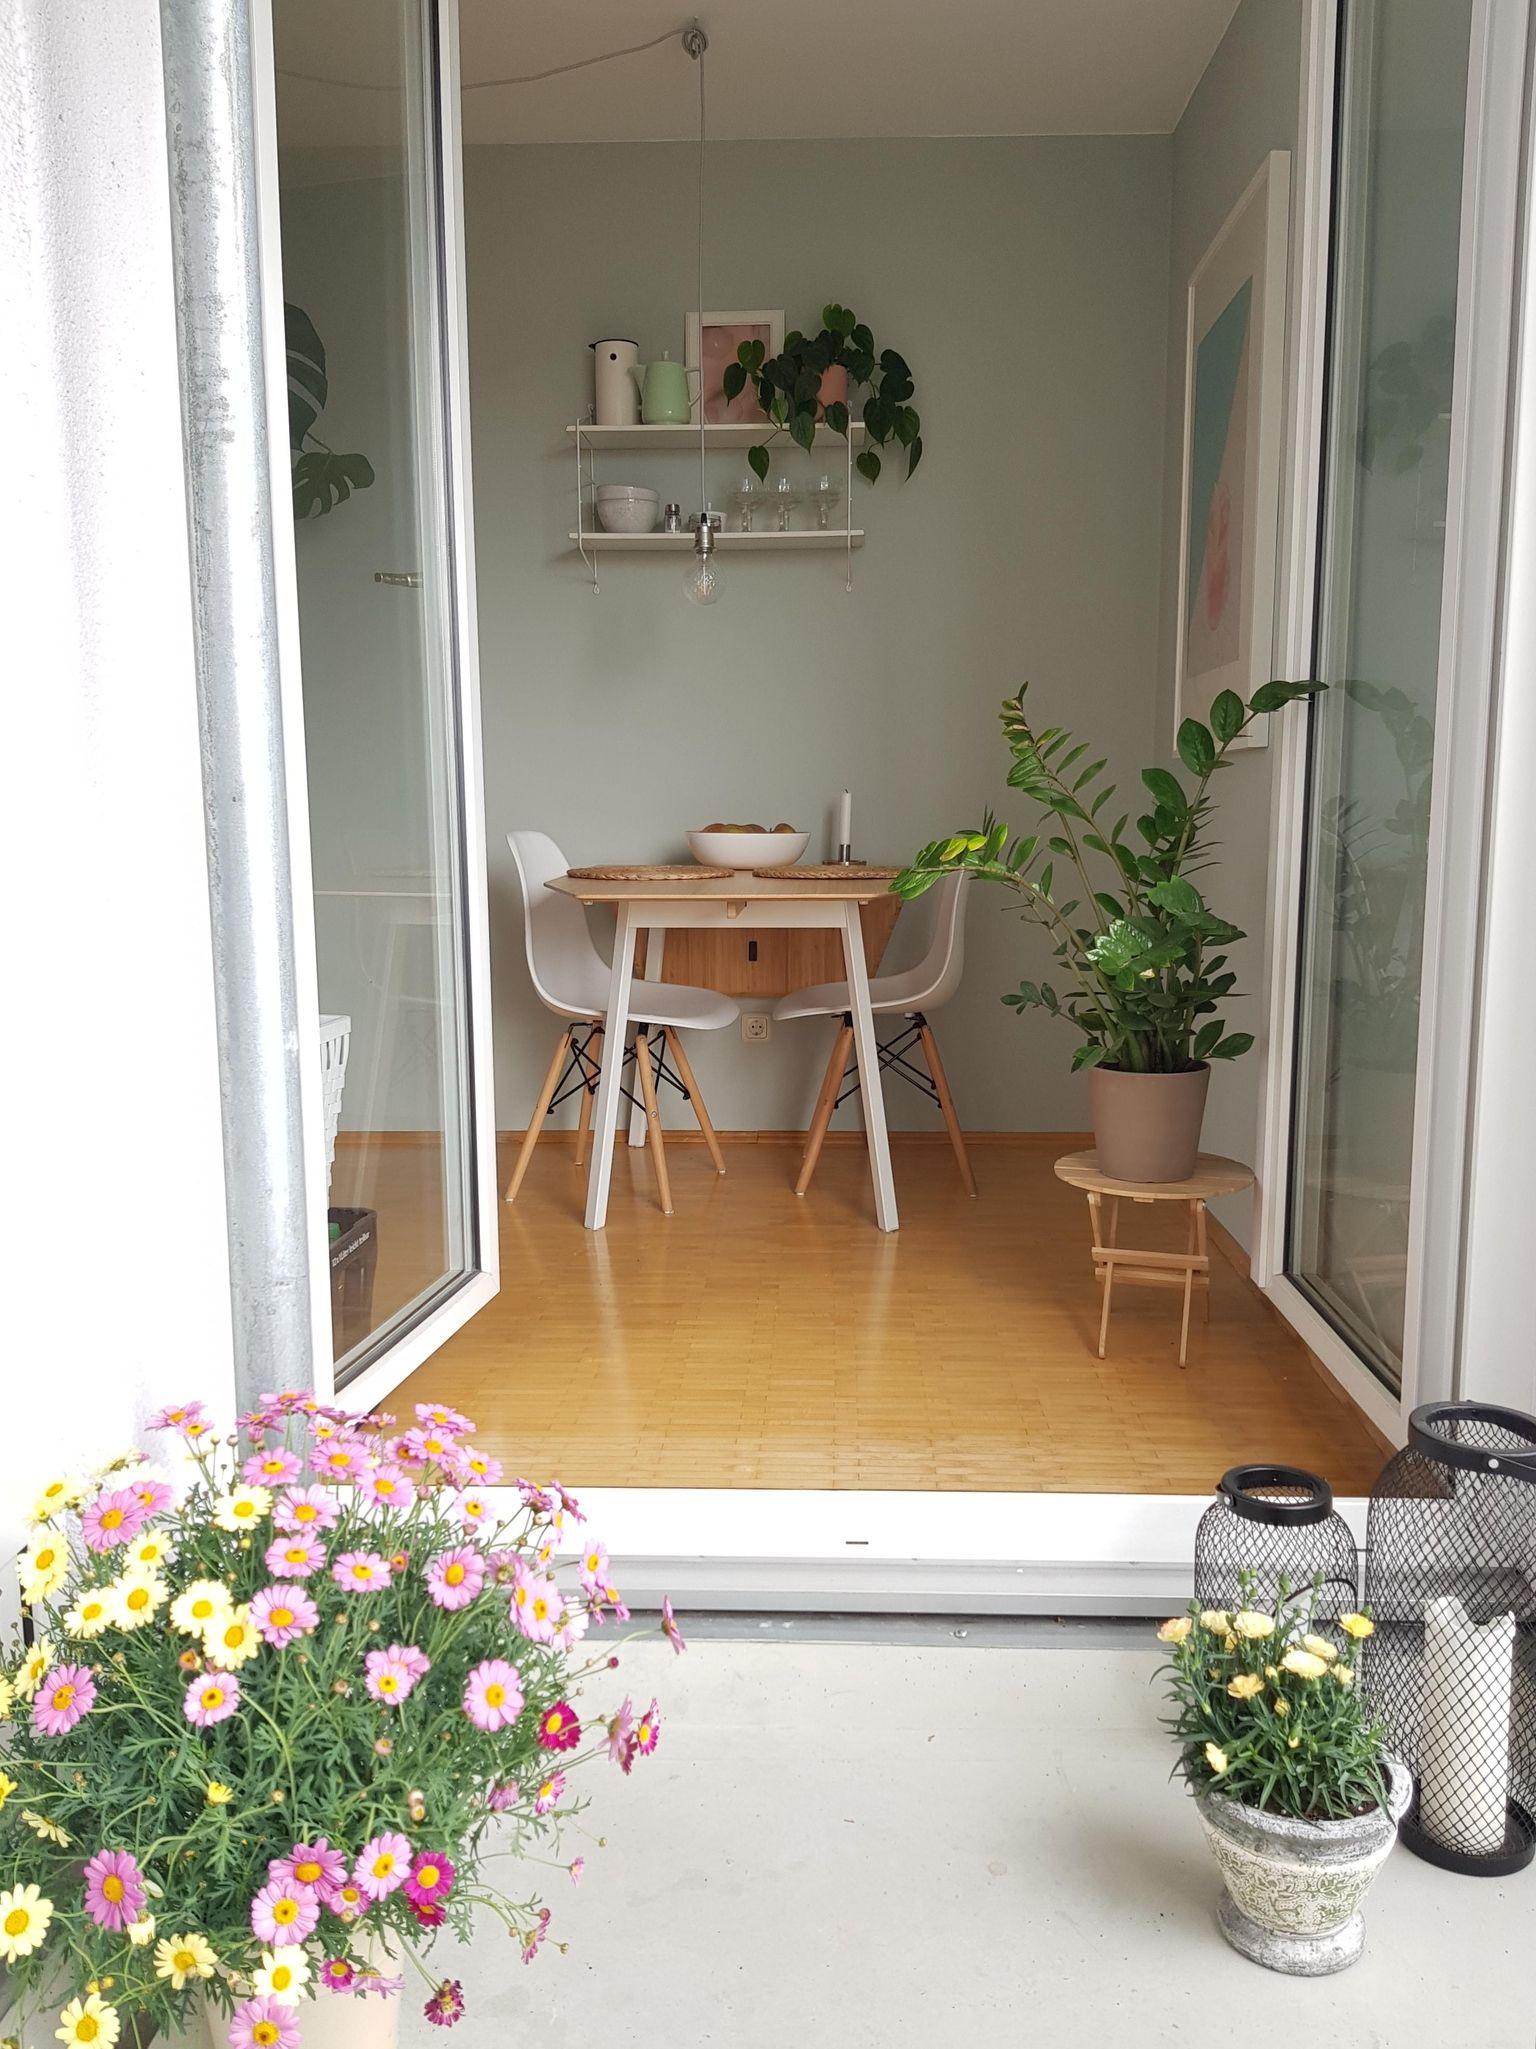 Der Blick Vom Frisch Bepflanzten Balkon In Die Kuche Hofgarten Balkon Balkonien